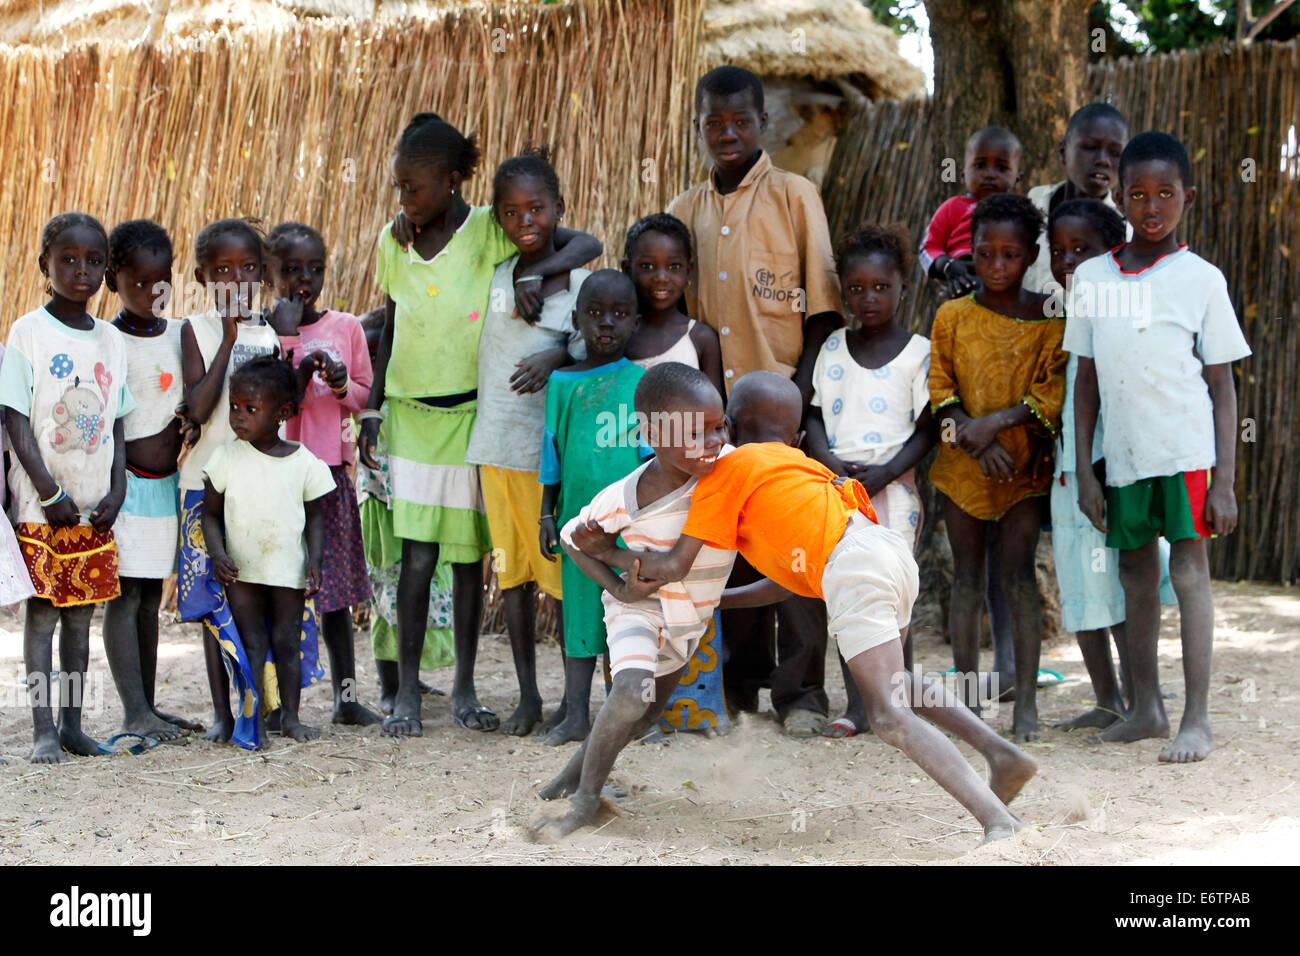 Kinder führen ein Wrestling-Match. Wrestling ist der senegalesischen Nationalsport. Senegal, Afrika Stockbild